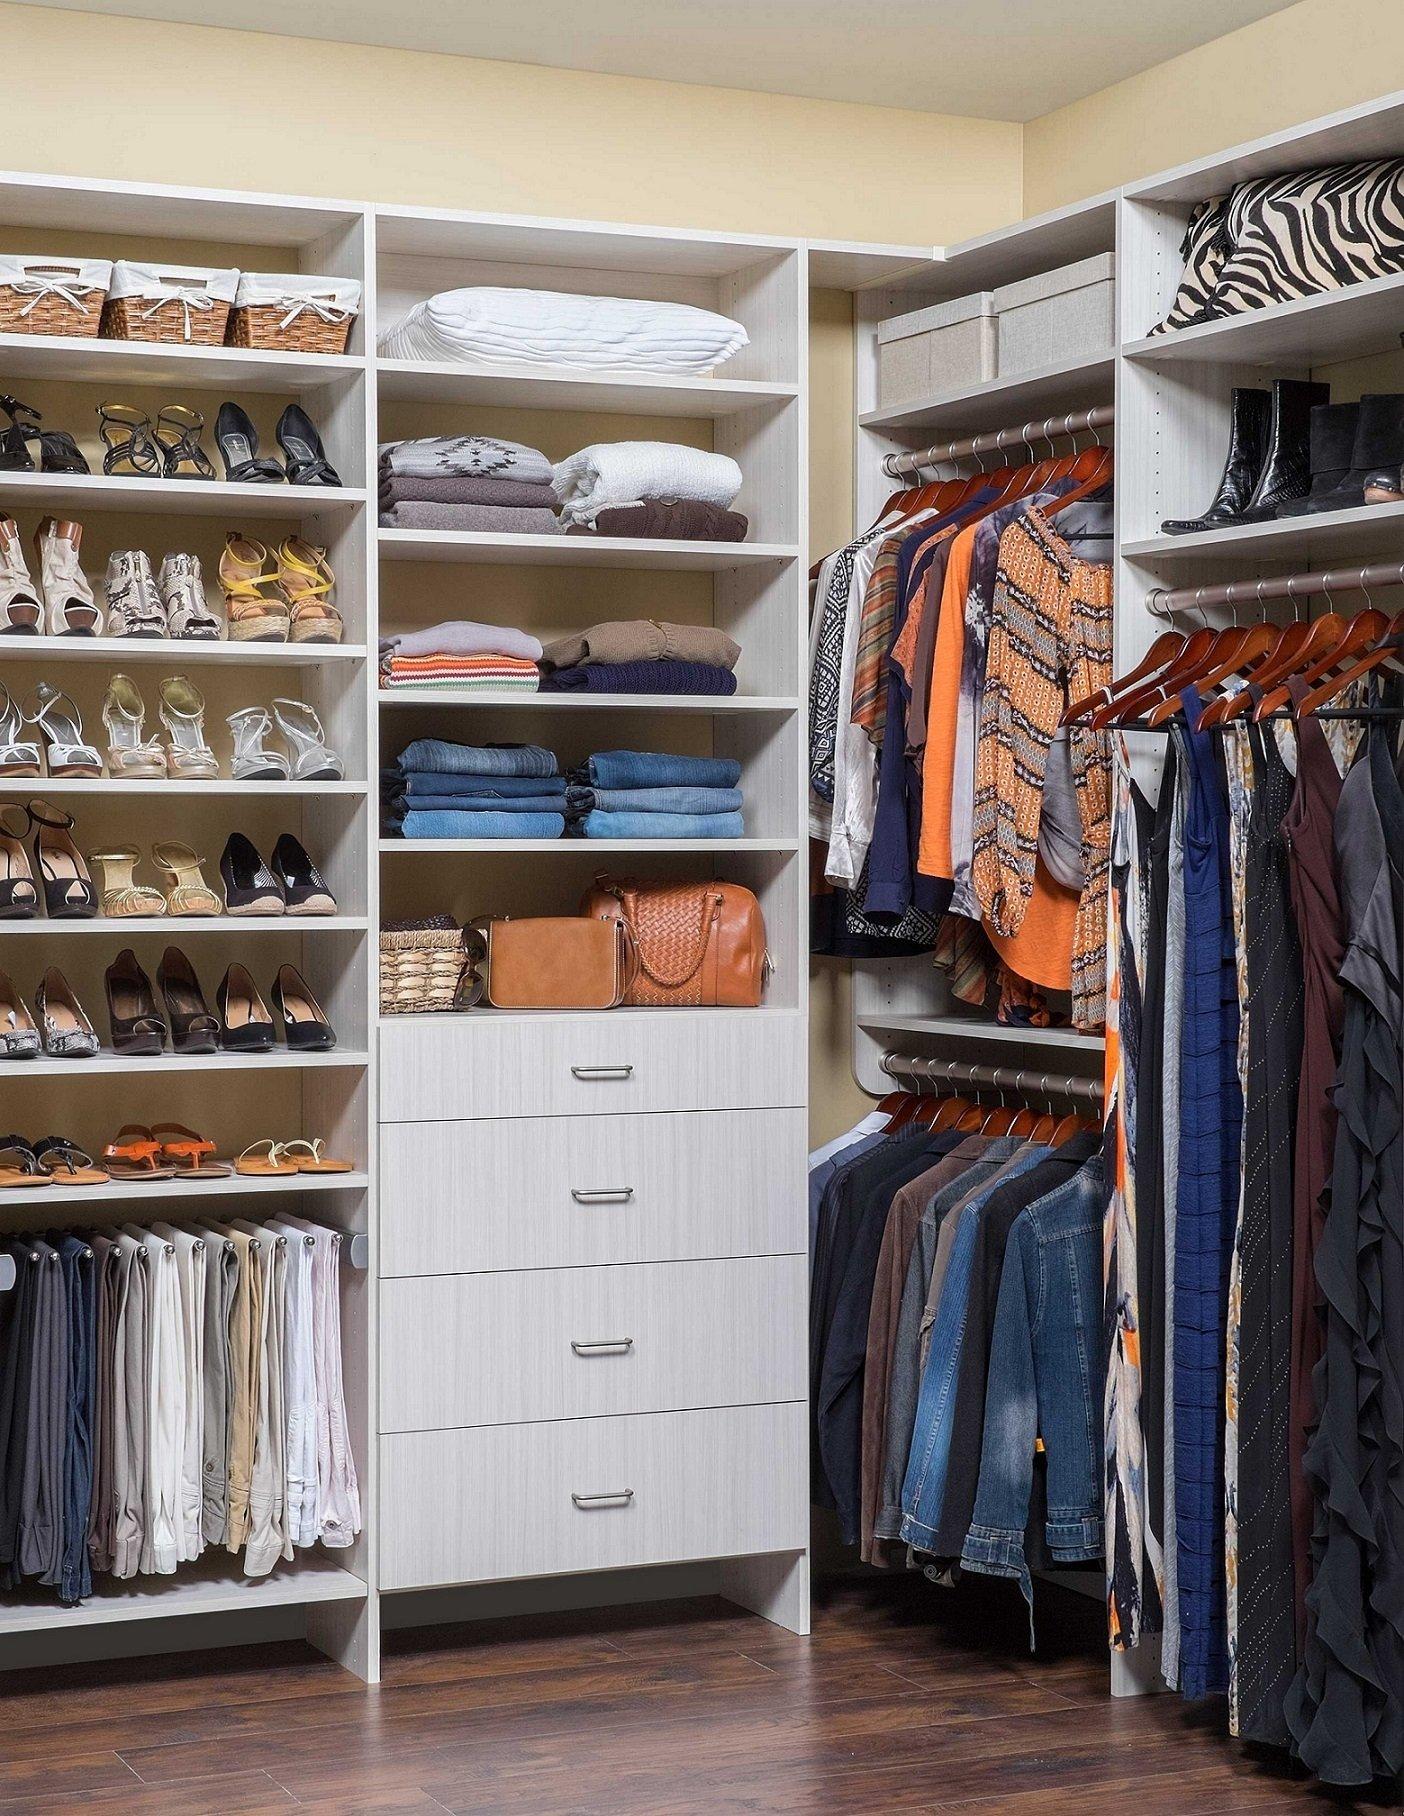 10 Stylish Small Walk In Closet Ideas cute small walk in closet ideas for women closets organizing small 2021